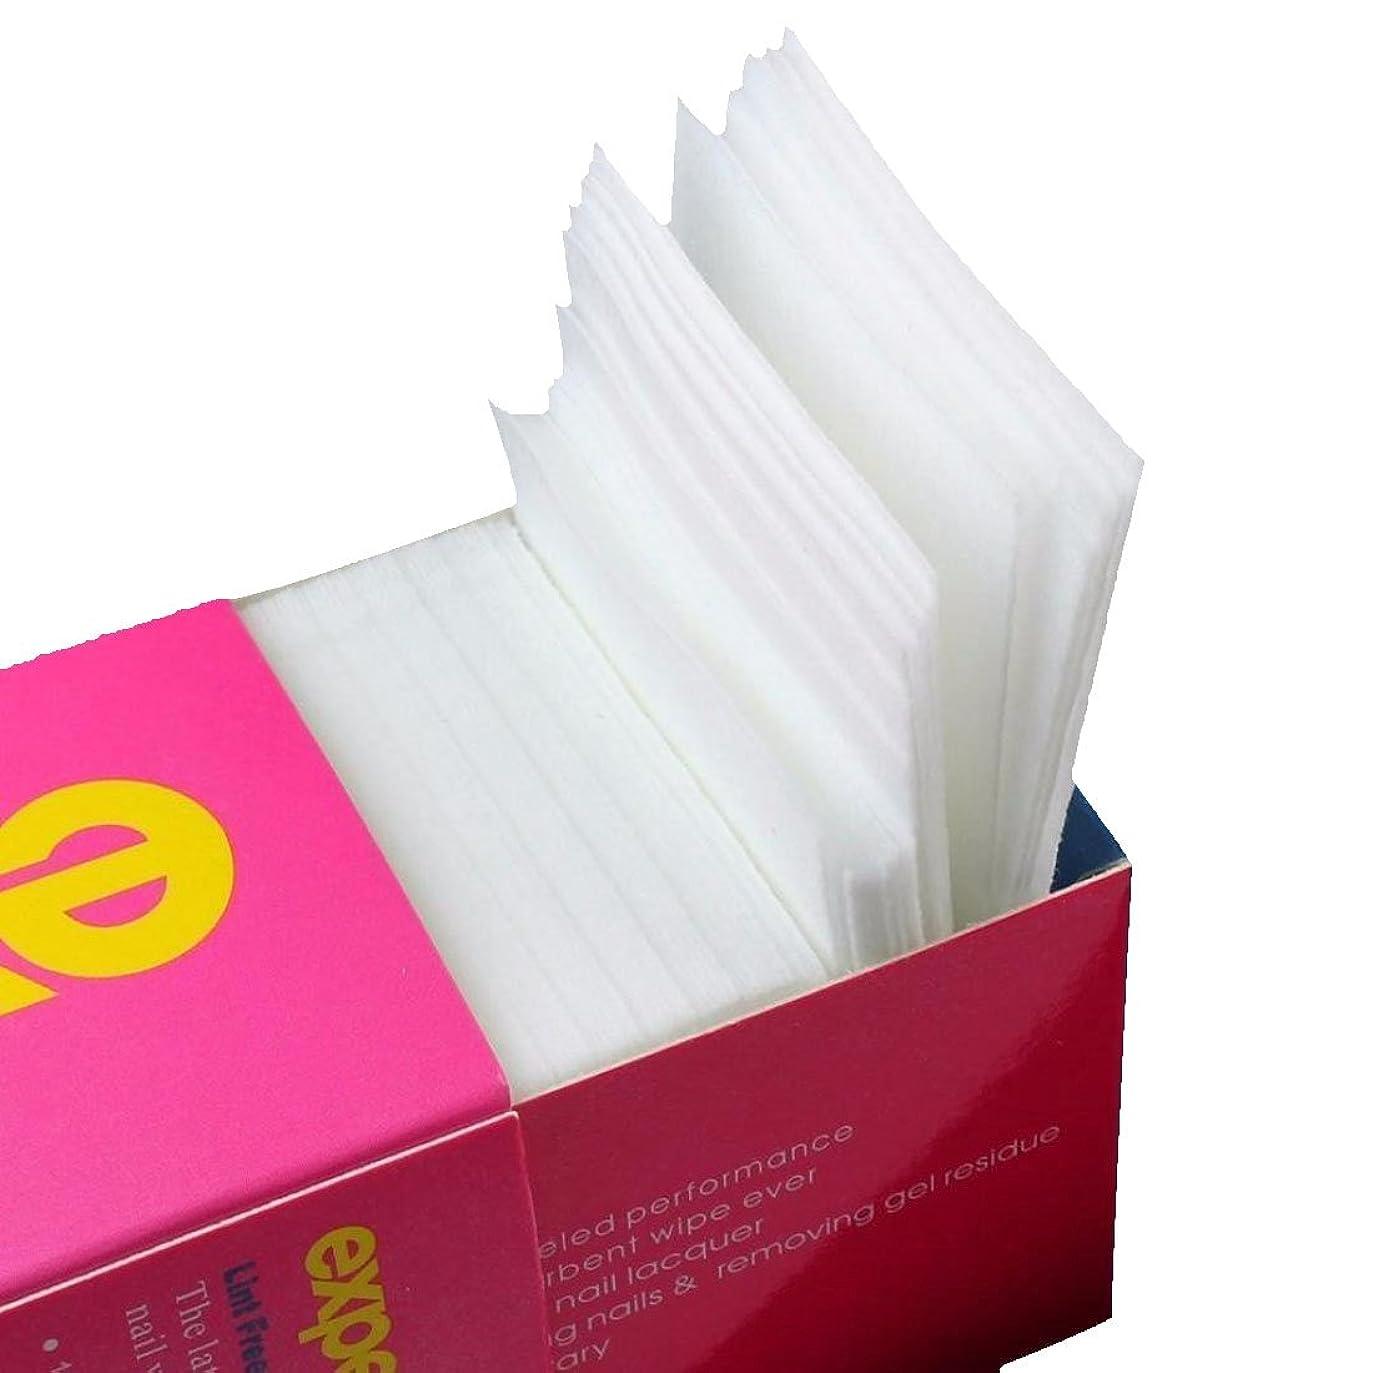 である正確にスタンドSODIAL 325枚ネイルワイプリントフリーコットンパッド、ネイルジェル除去用不織布綿シートネイルポリッシュクリーニングパッド